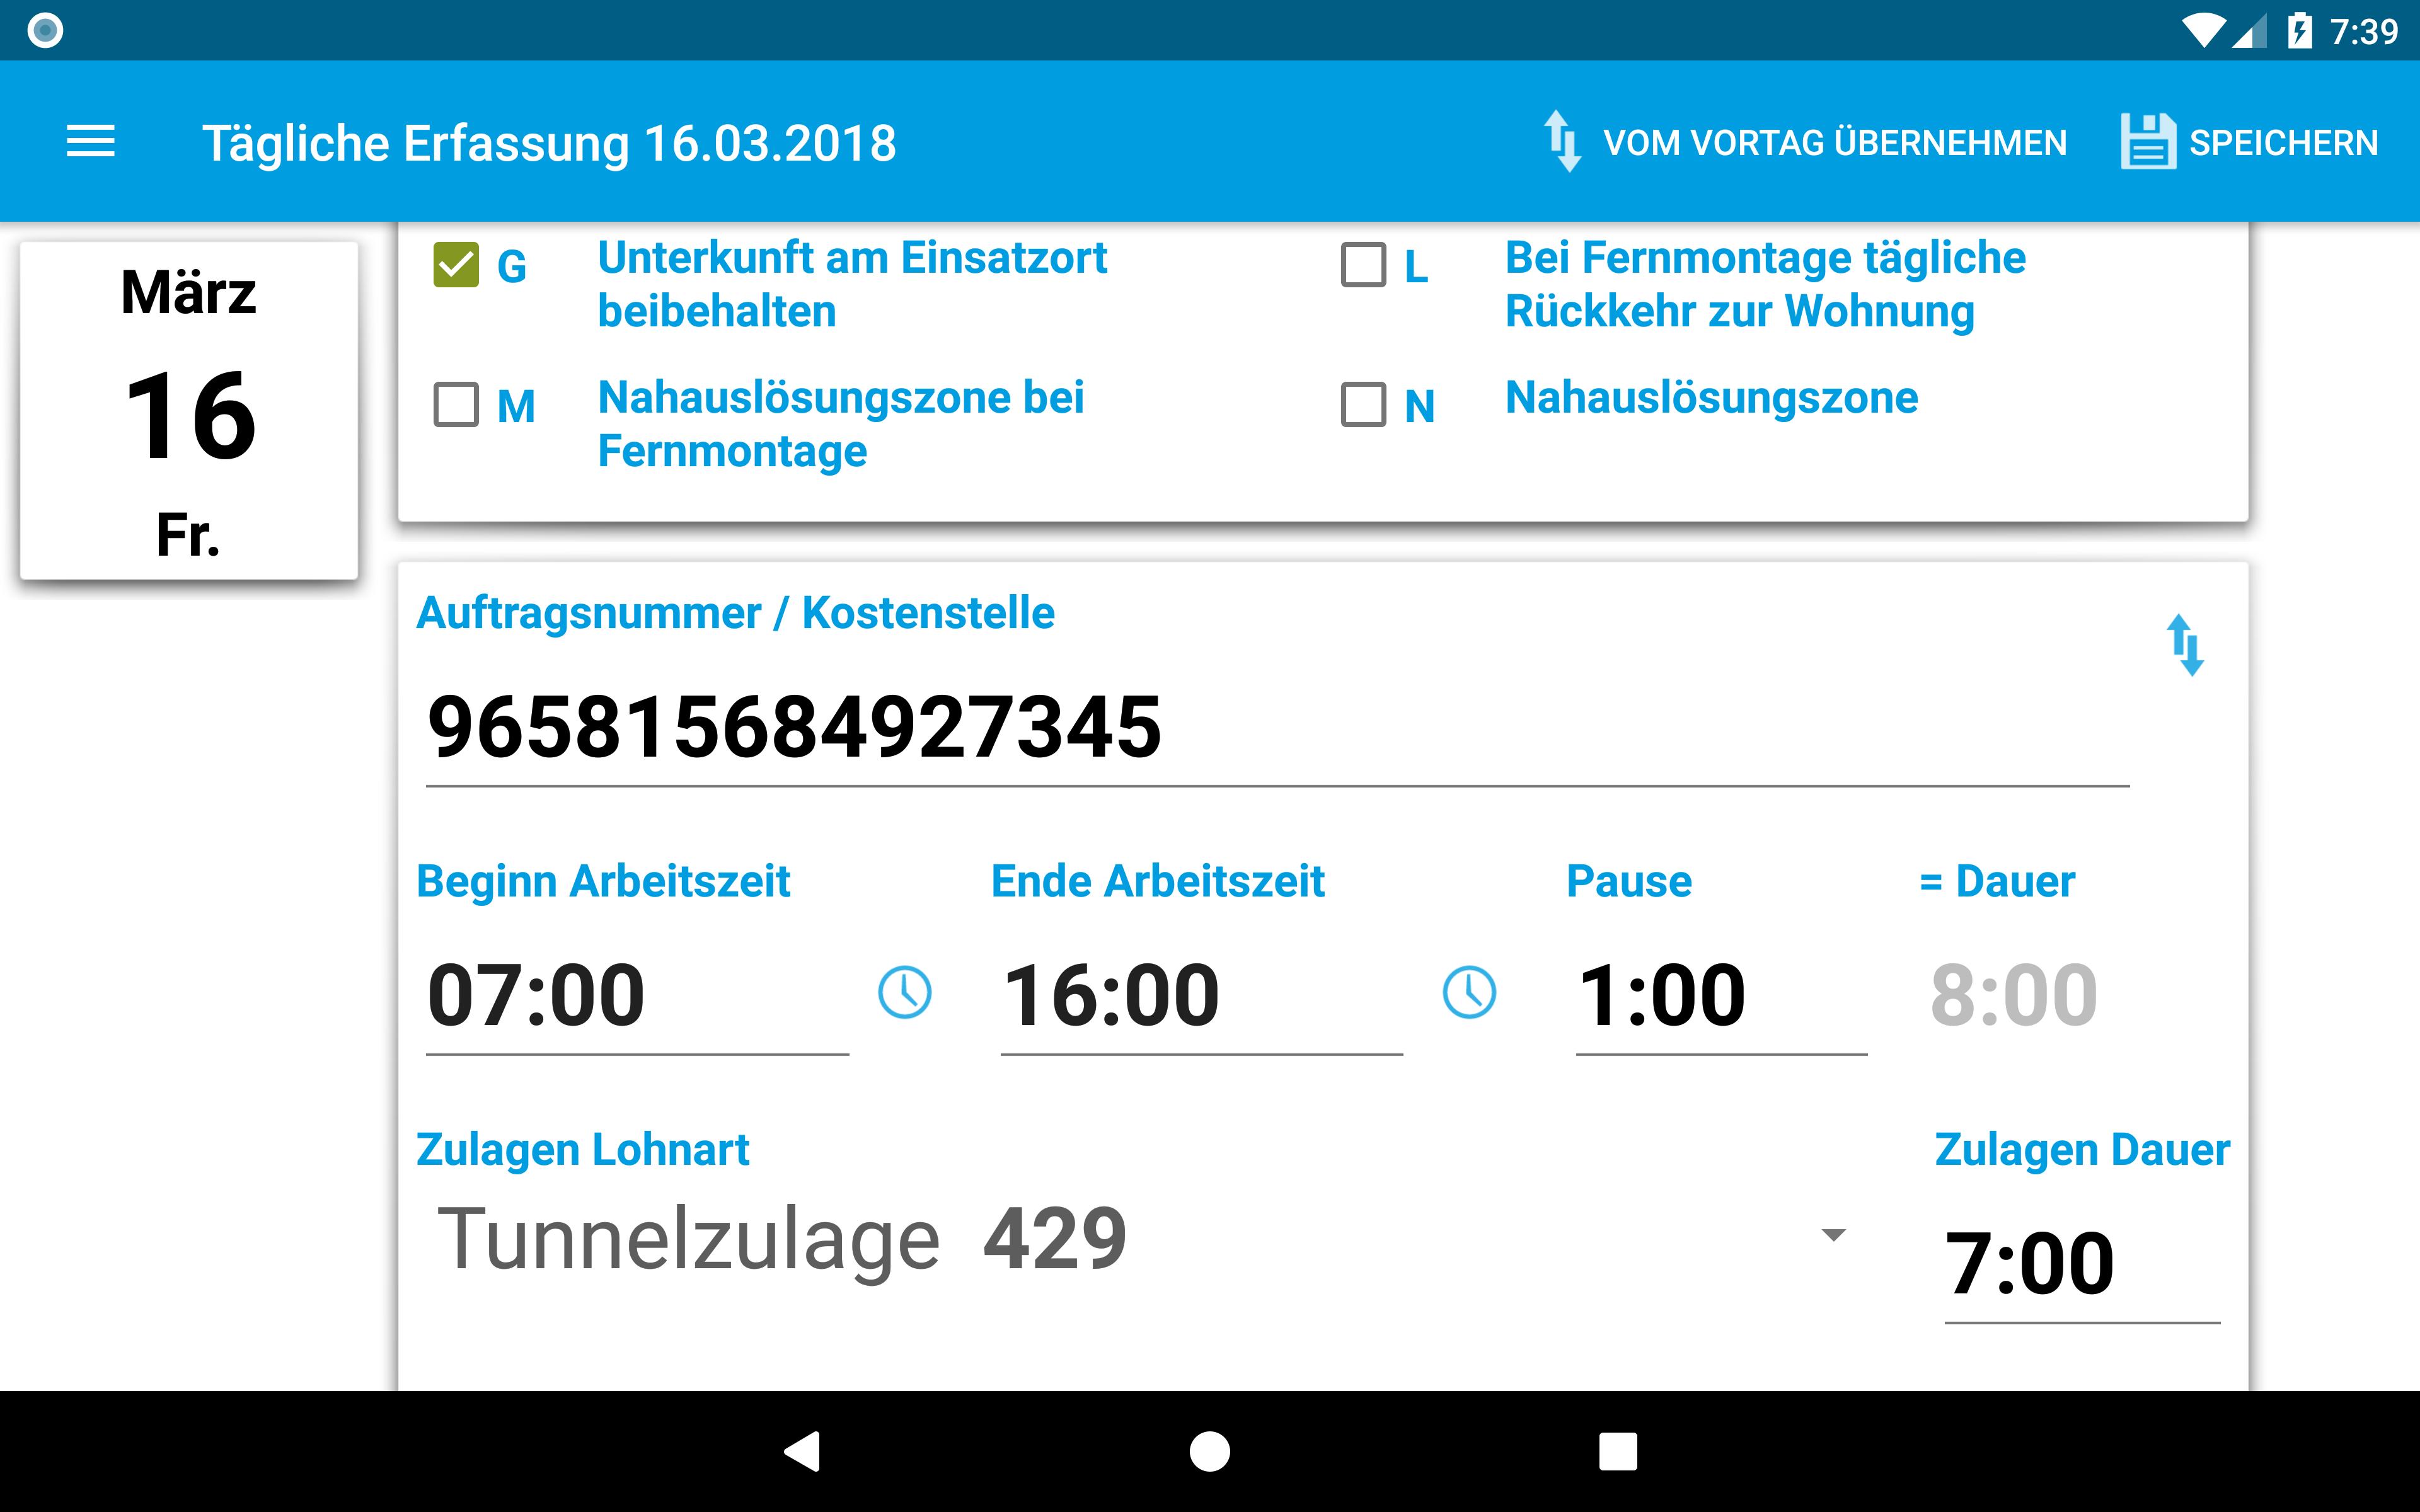 Tägliche Zeiterfassung auf Montage per App